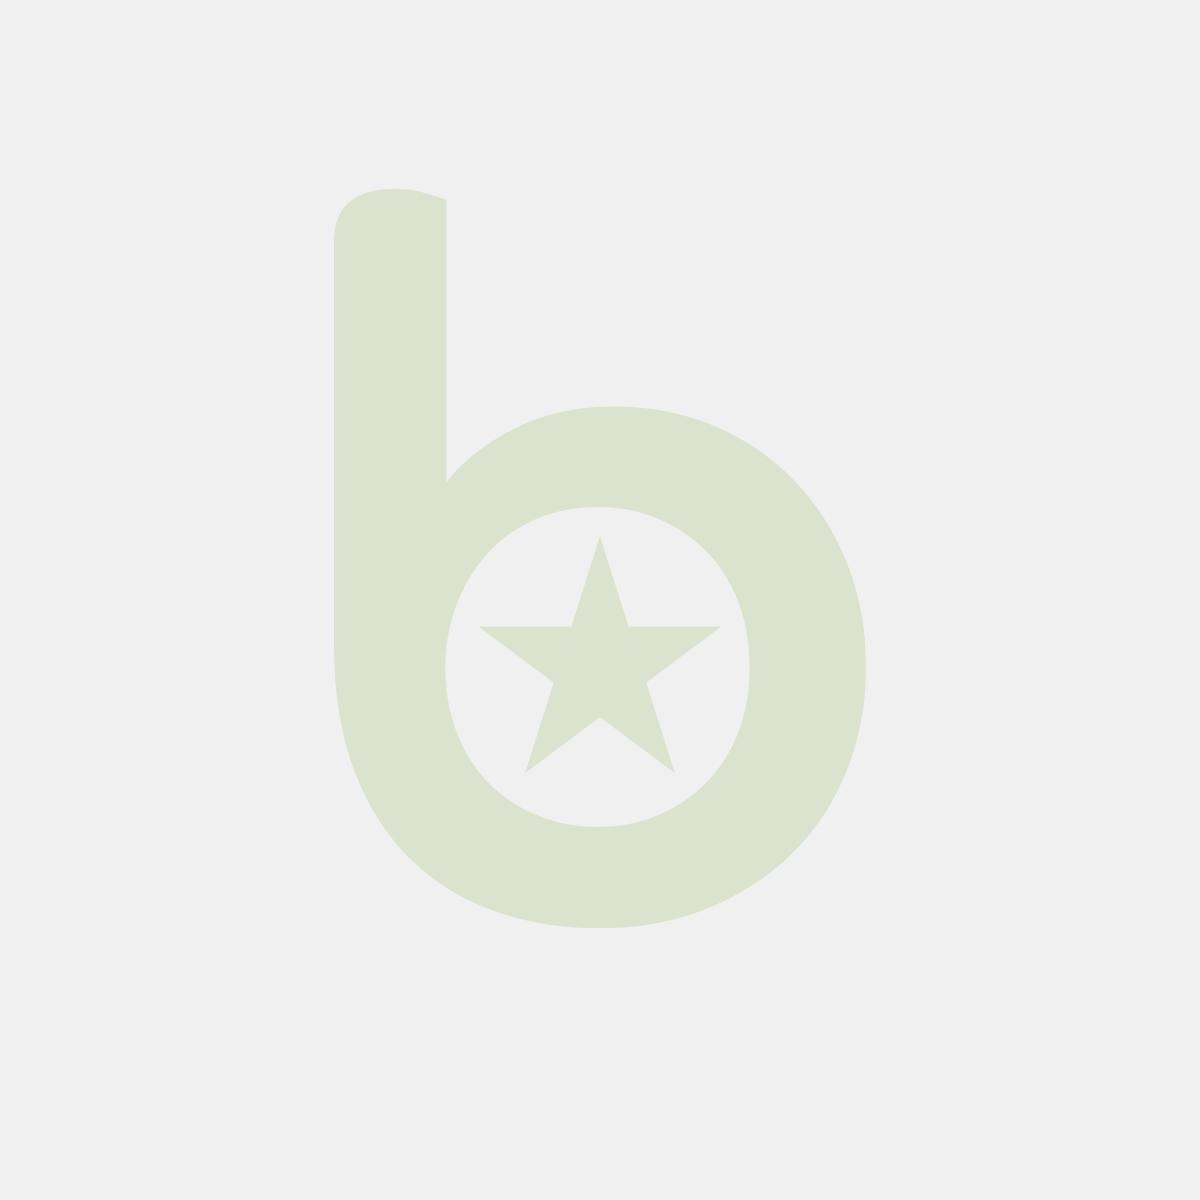 Pojemnik obiadowy do zgrzewu K 227/1, niedzielony, biały, 227x178x40, cena za opakowanie 50szt